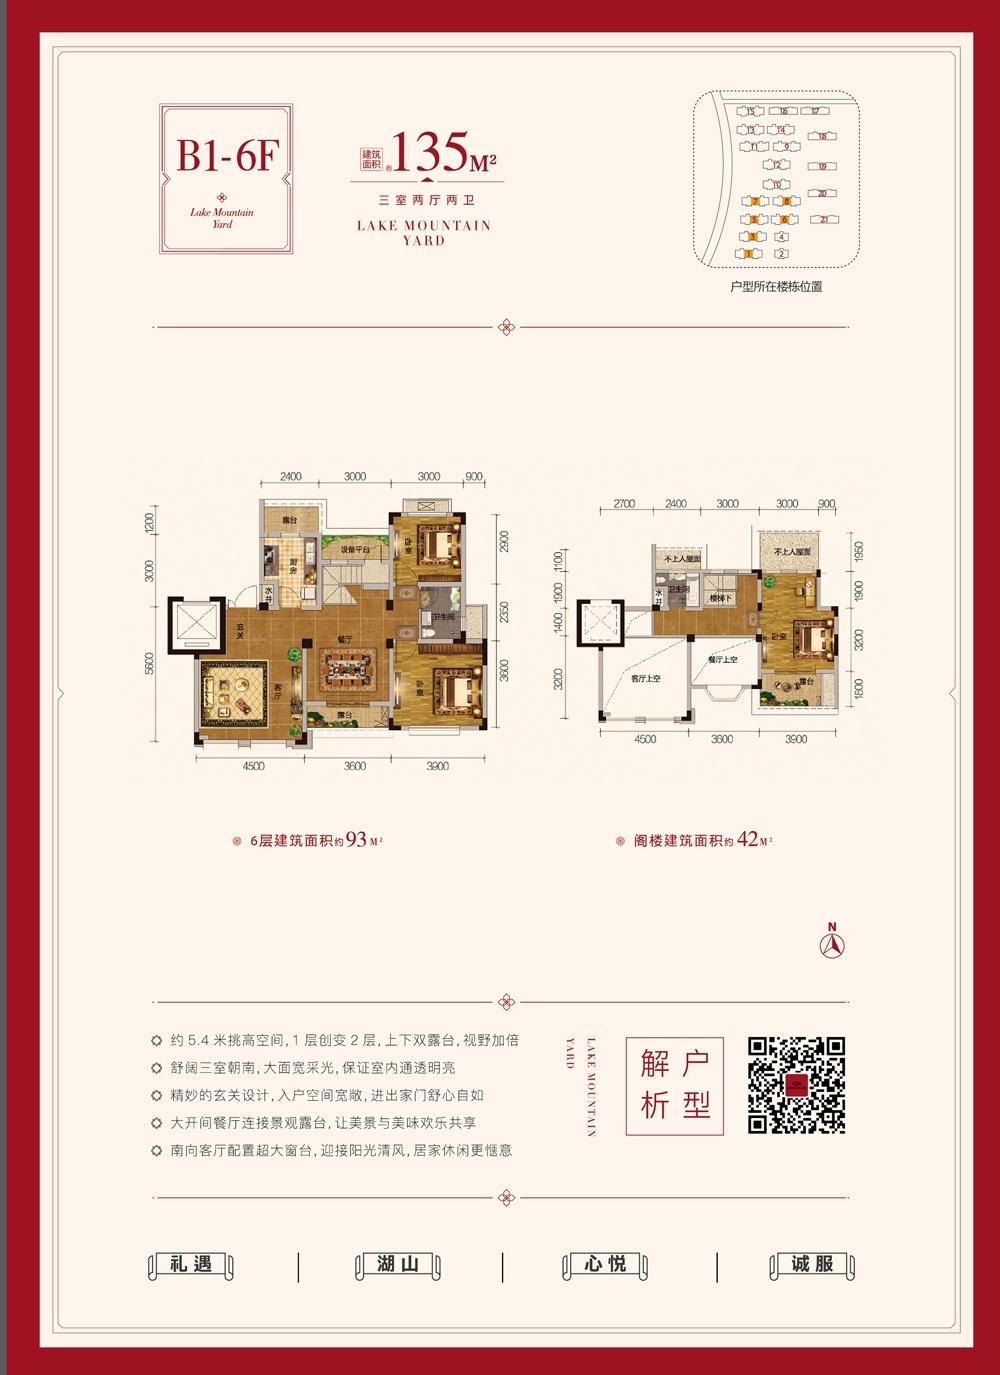 悦湖山院B1-6F洋房户型135㎡